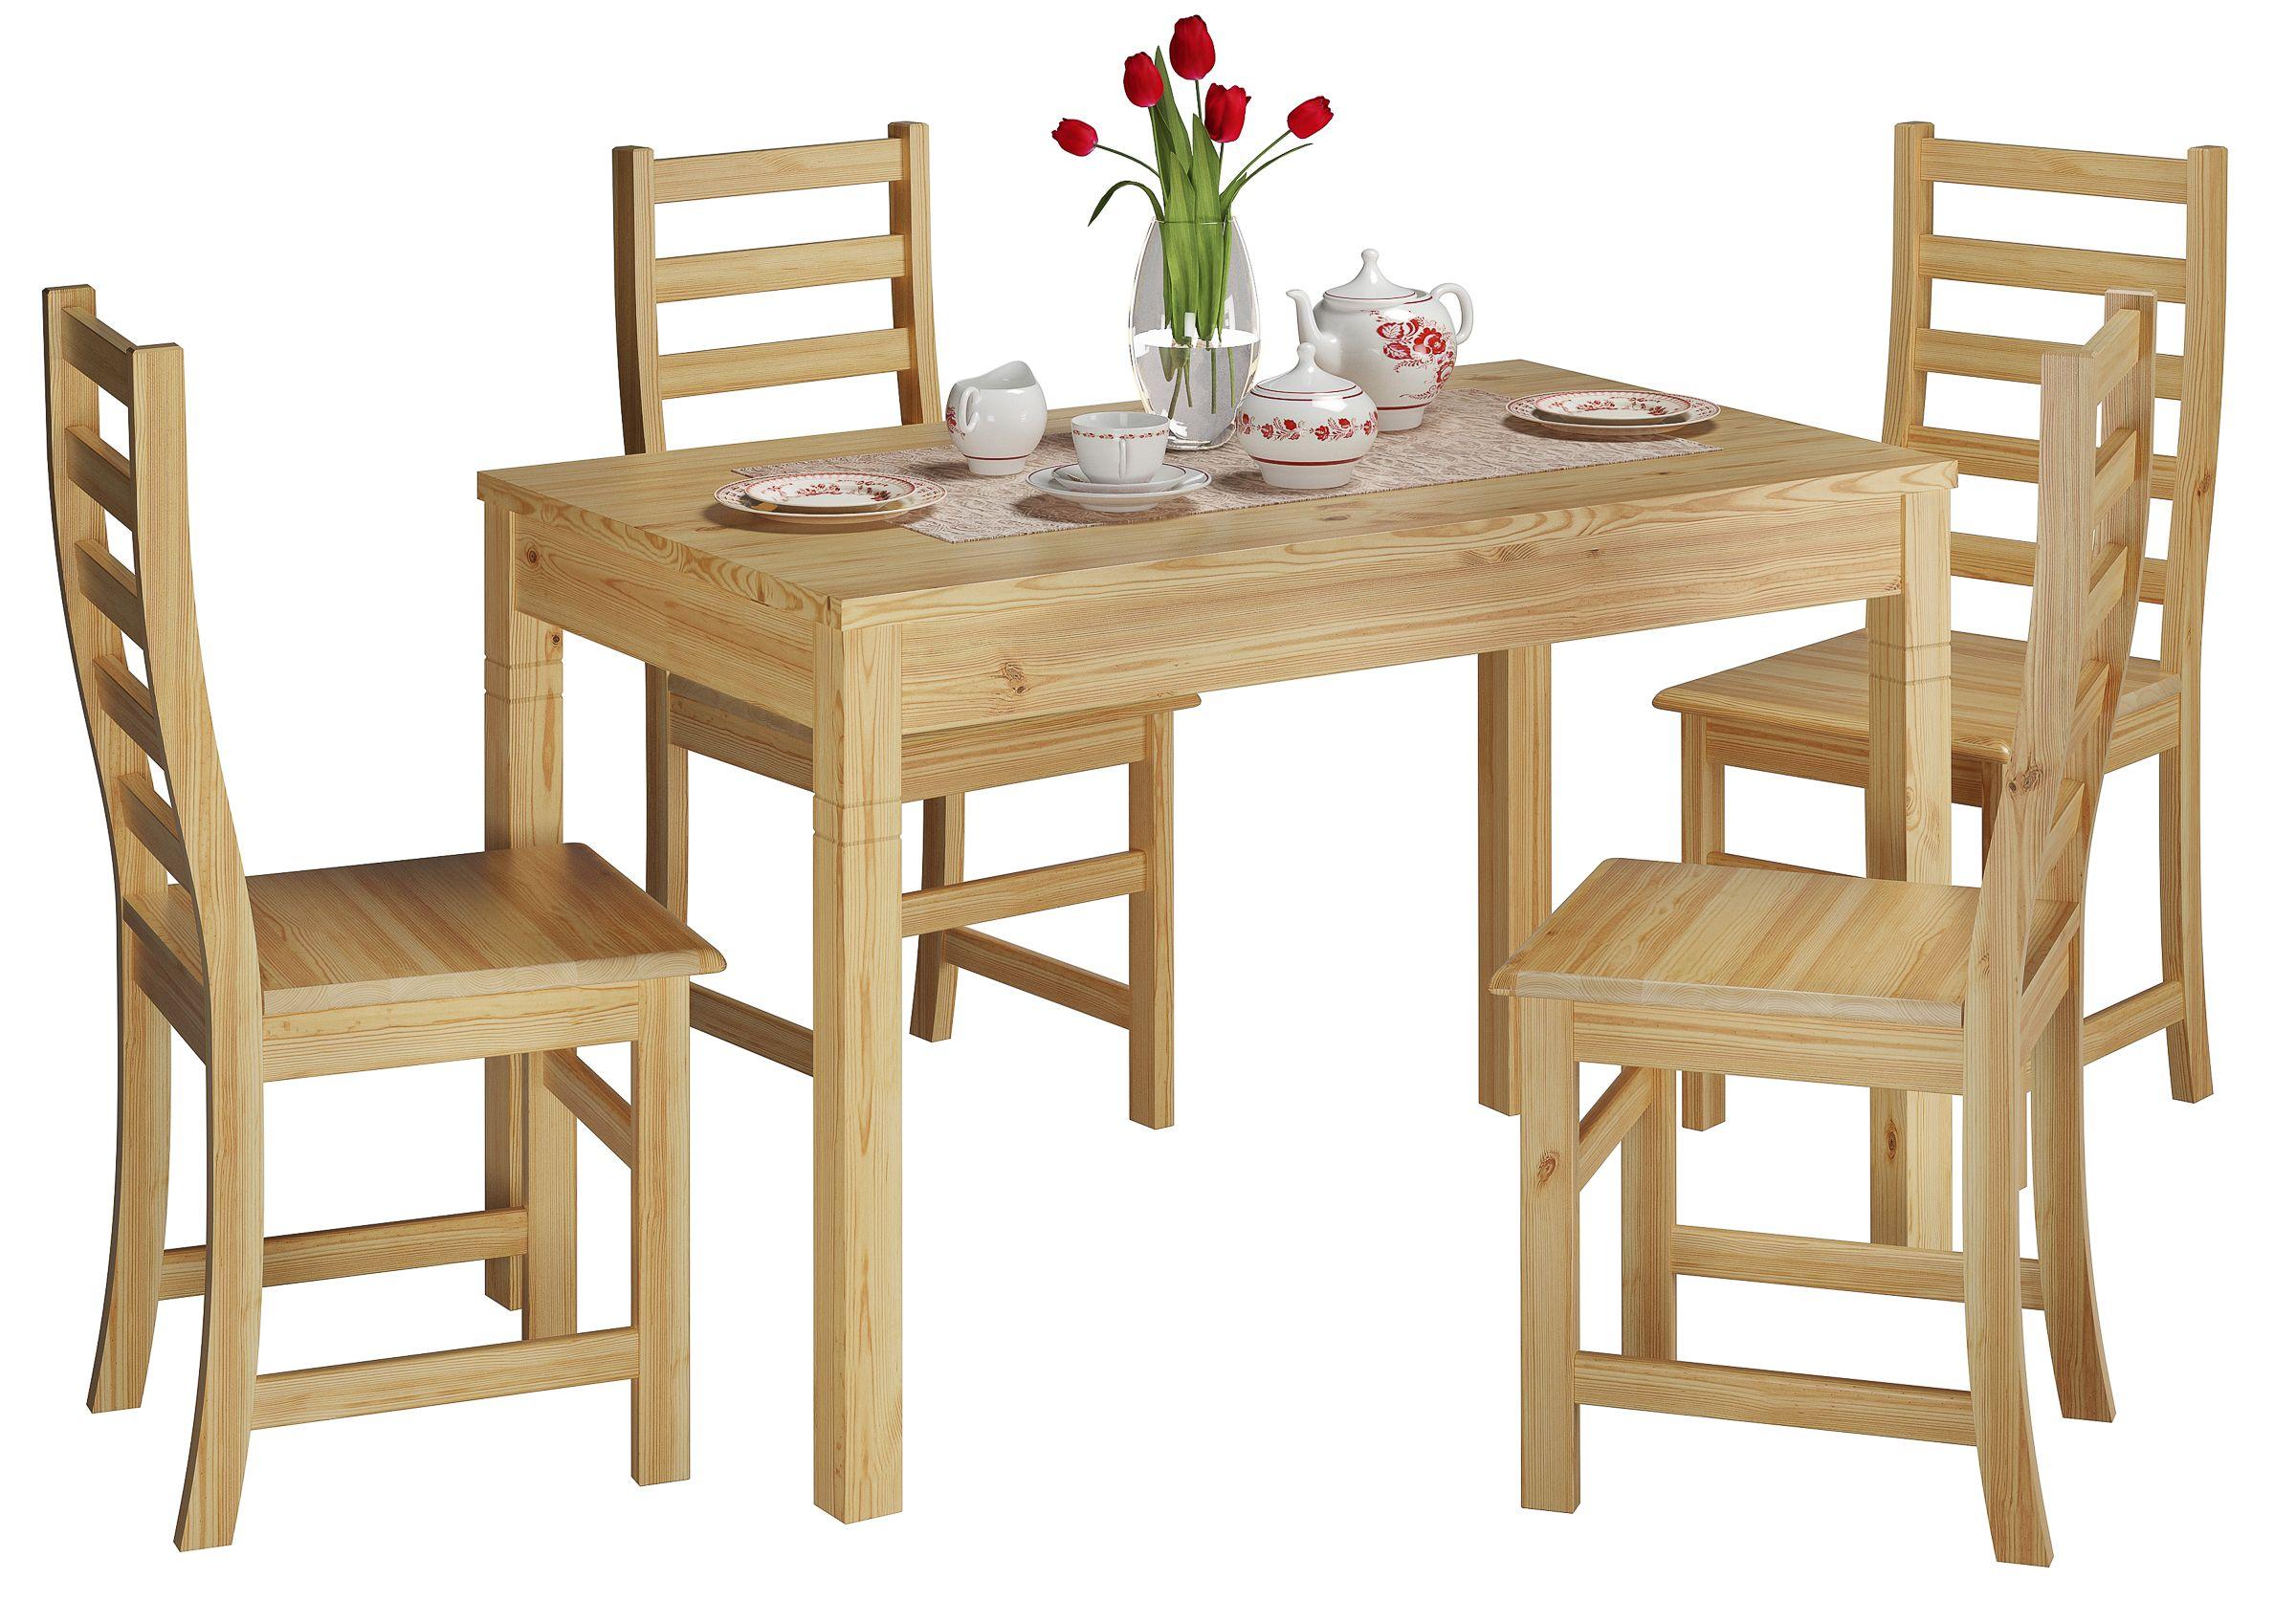 Klasse Esszimmer Set Aus Modernen Kuchenstuhlen Und Langem Holztisch Gunstiges Ensemble Fur Die Kleine Familie Esszimmer Set Stuhle Verstellbarer Tisch